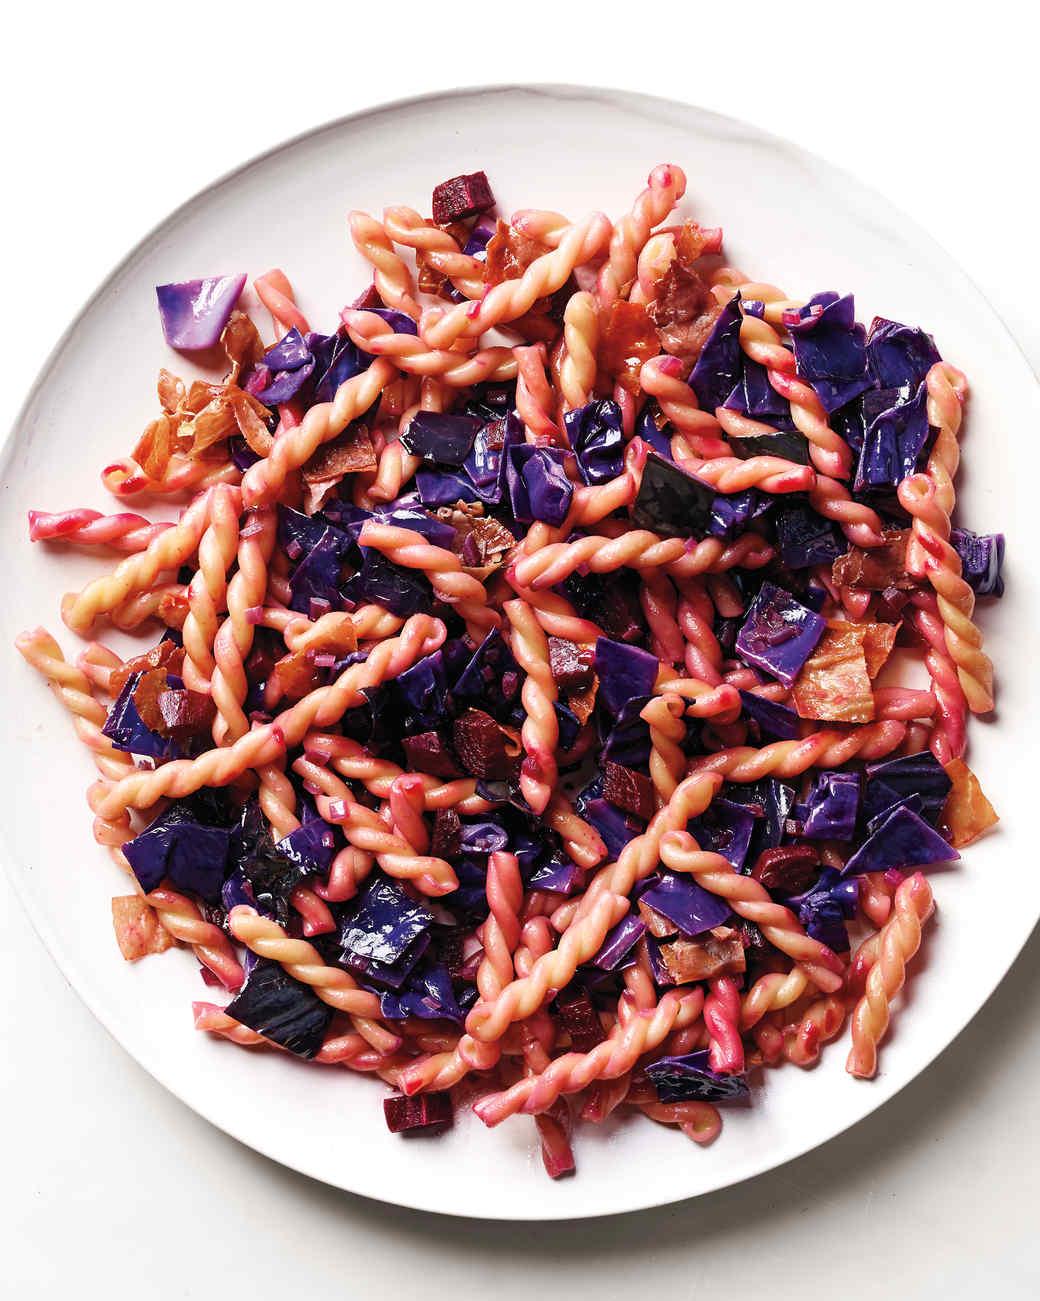 pasta-gemelli-red-cabbage-0063-d111697.jpg